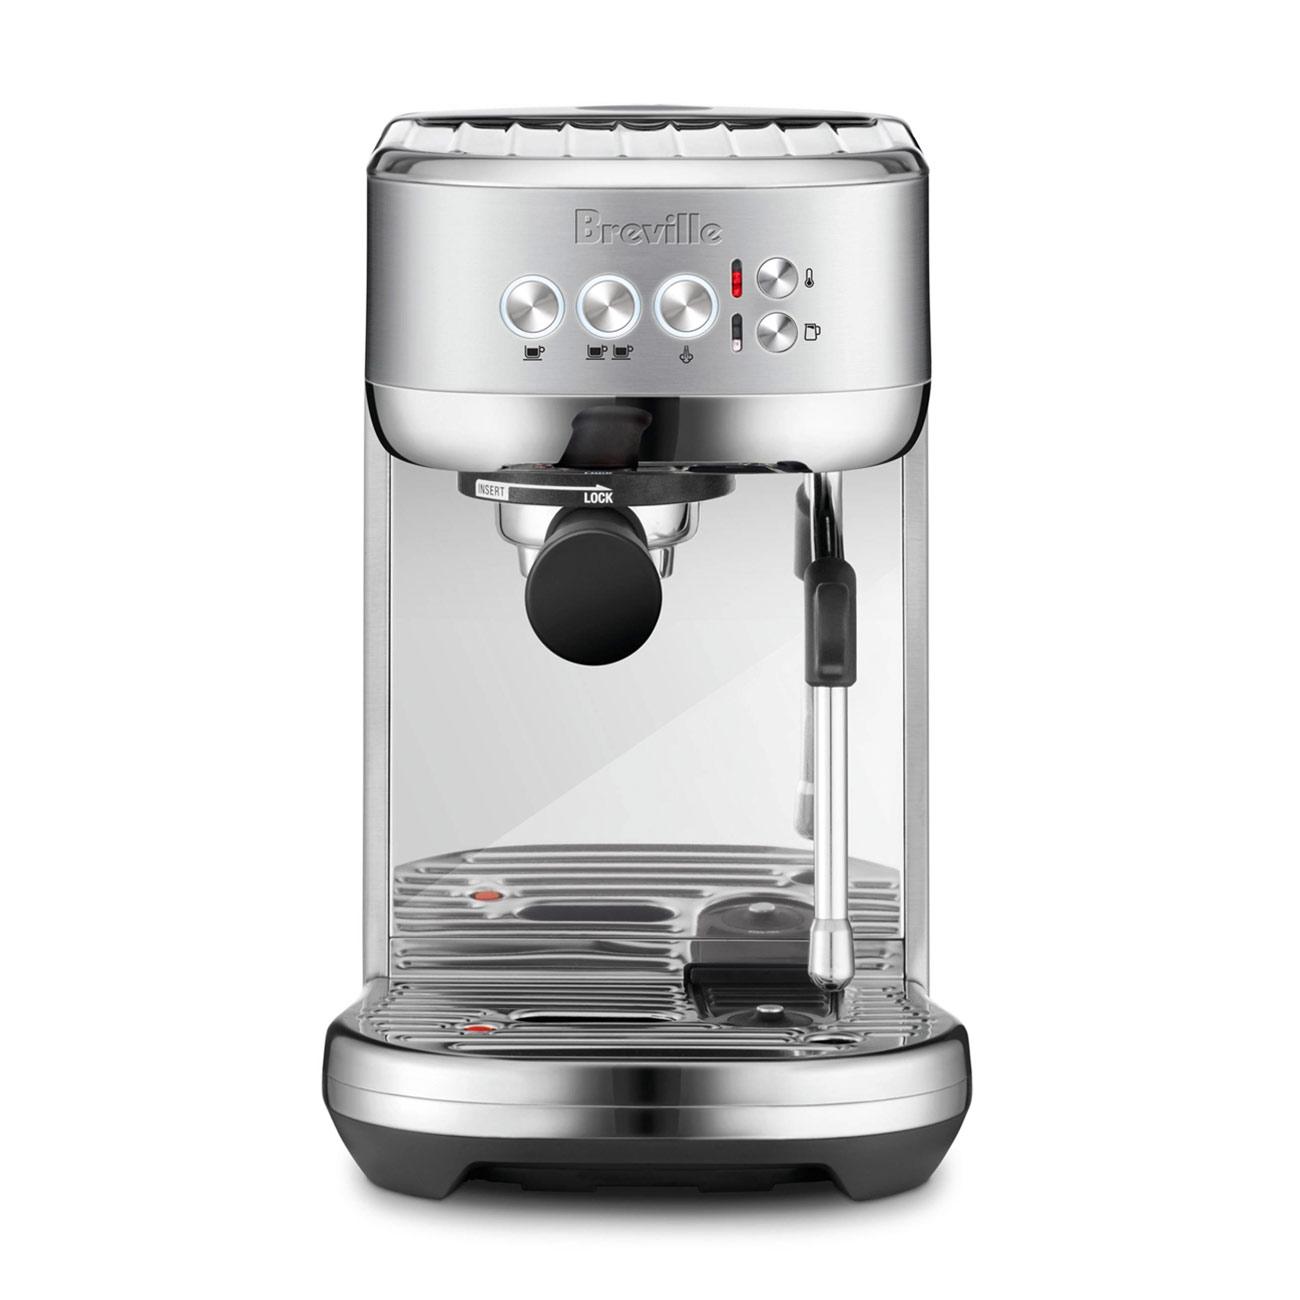 سعر ومواصفات وعيوب ماكينة قهوة بريفيل بامبينو بلس BES500